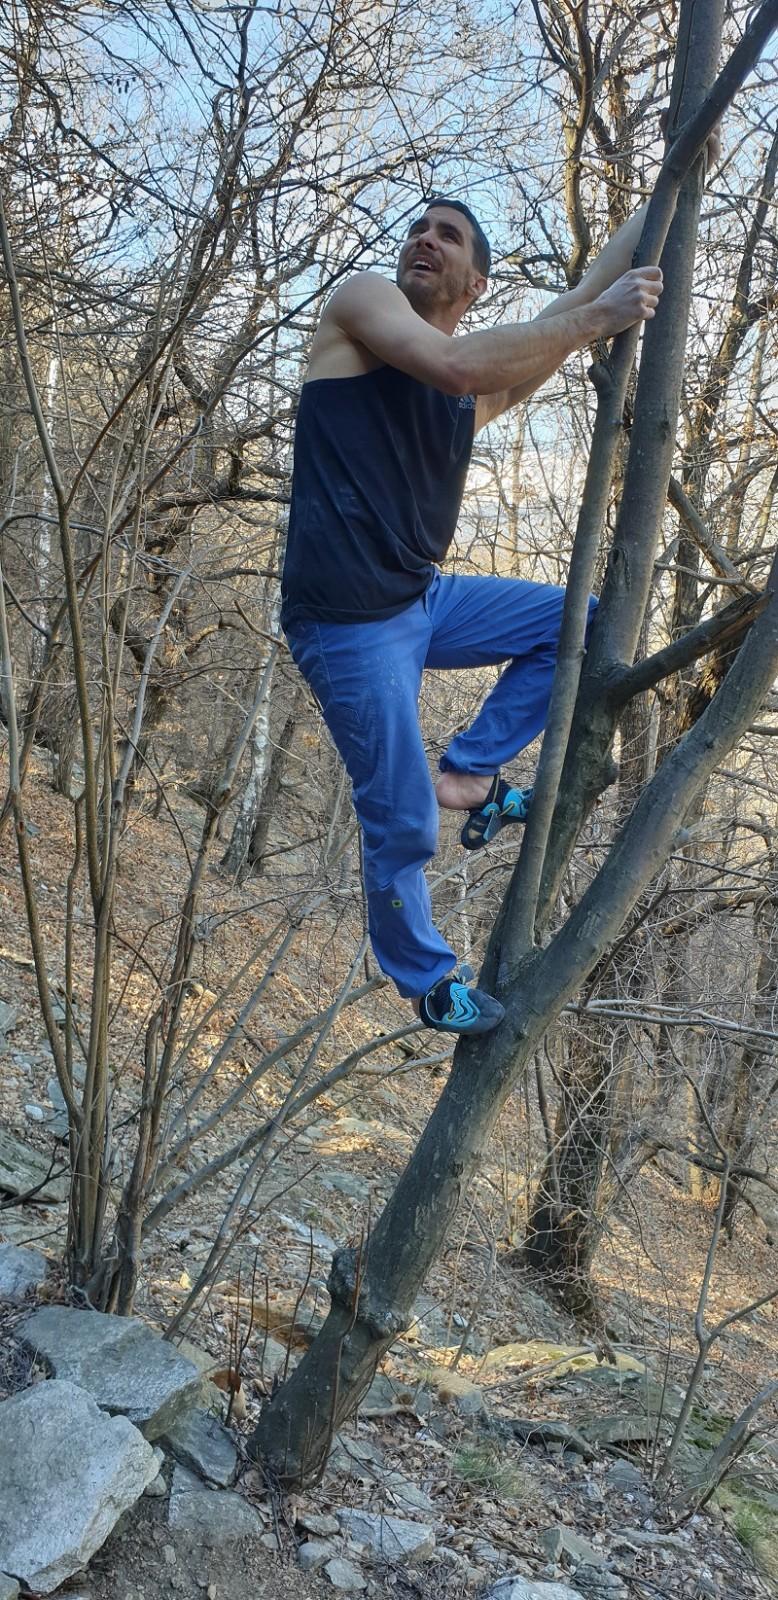 ... a po ňom mal takú radosť mal že z nej vyskočil na strom (v skutočnosti si obzerá, aké sú chyty v tom vysokom výleze).